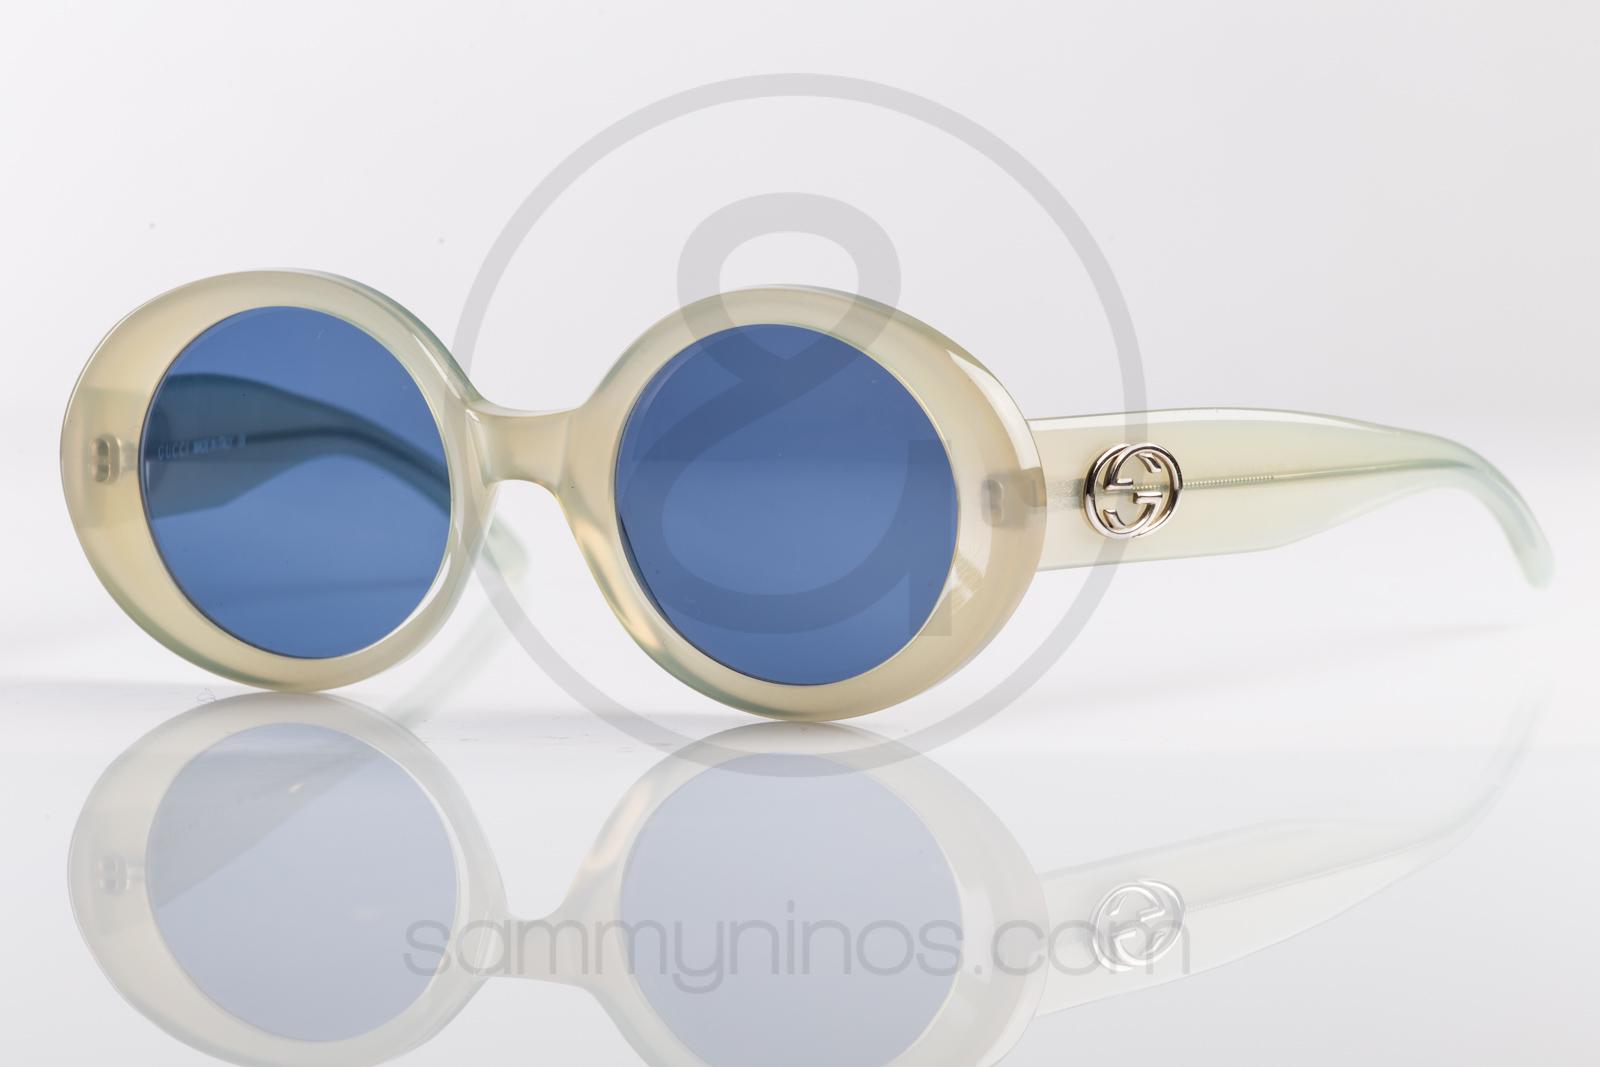 1241e8db758 Gucci GG 2410 S – Sammy   Nino s Store